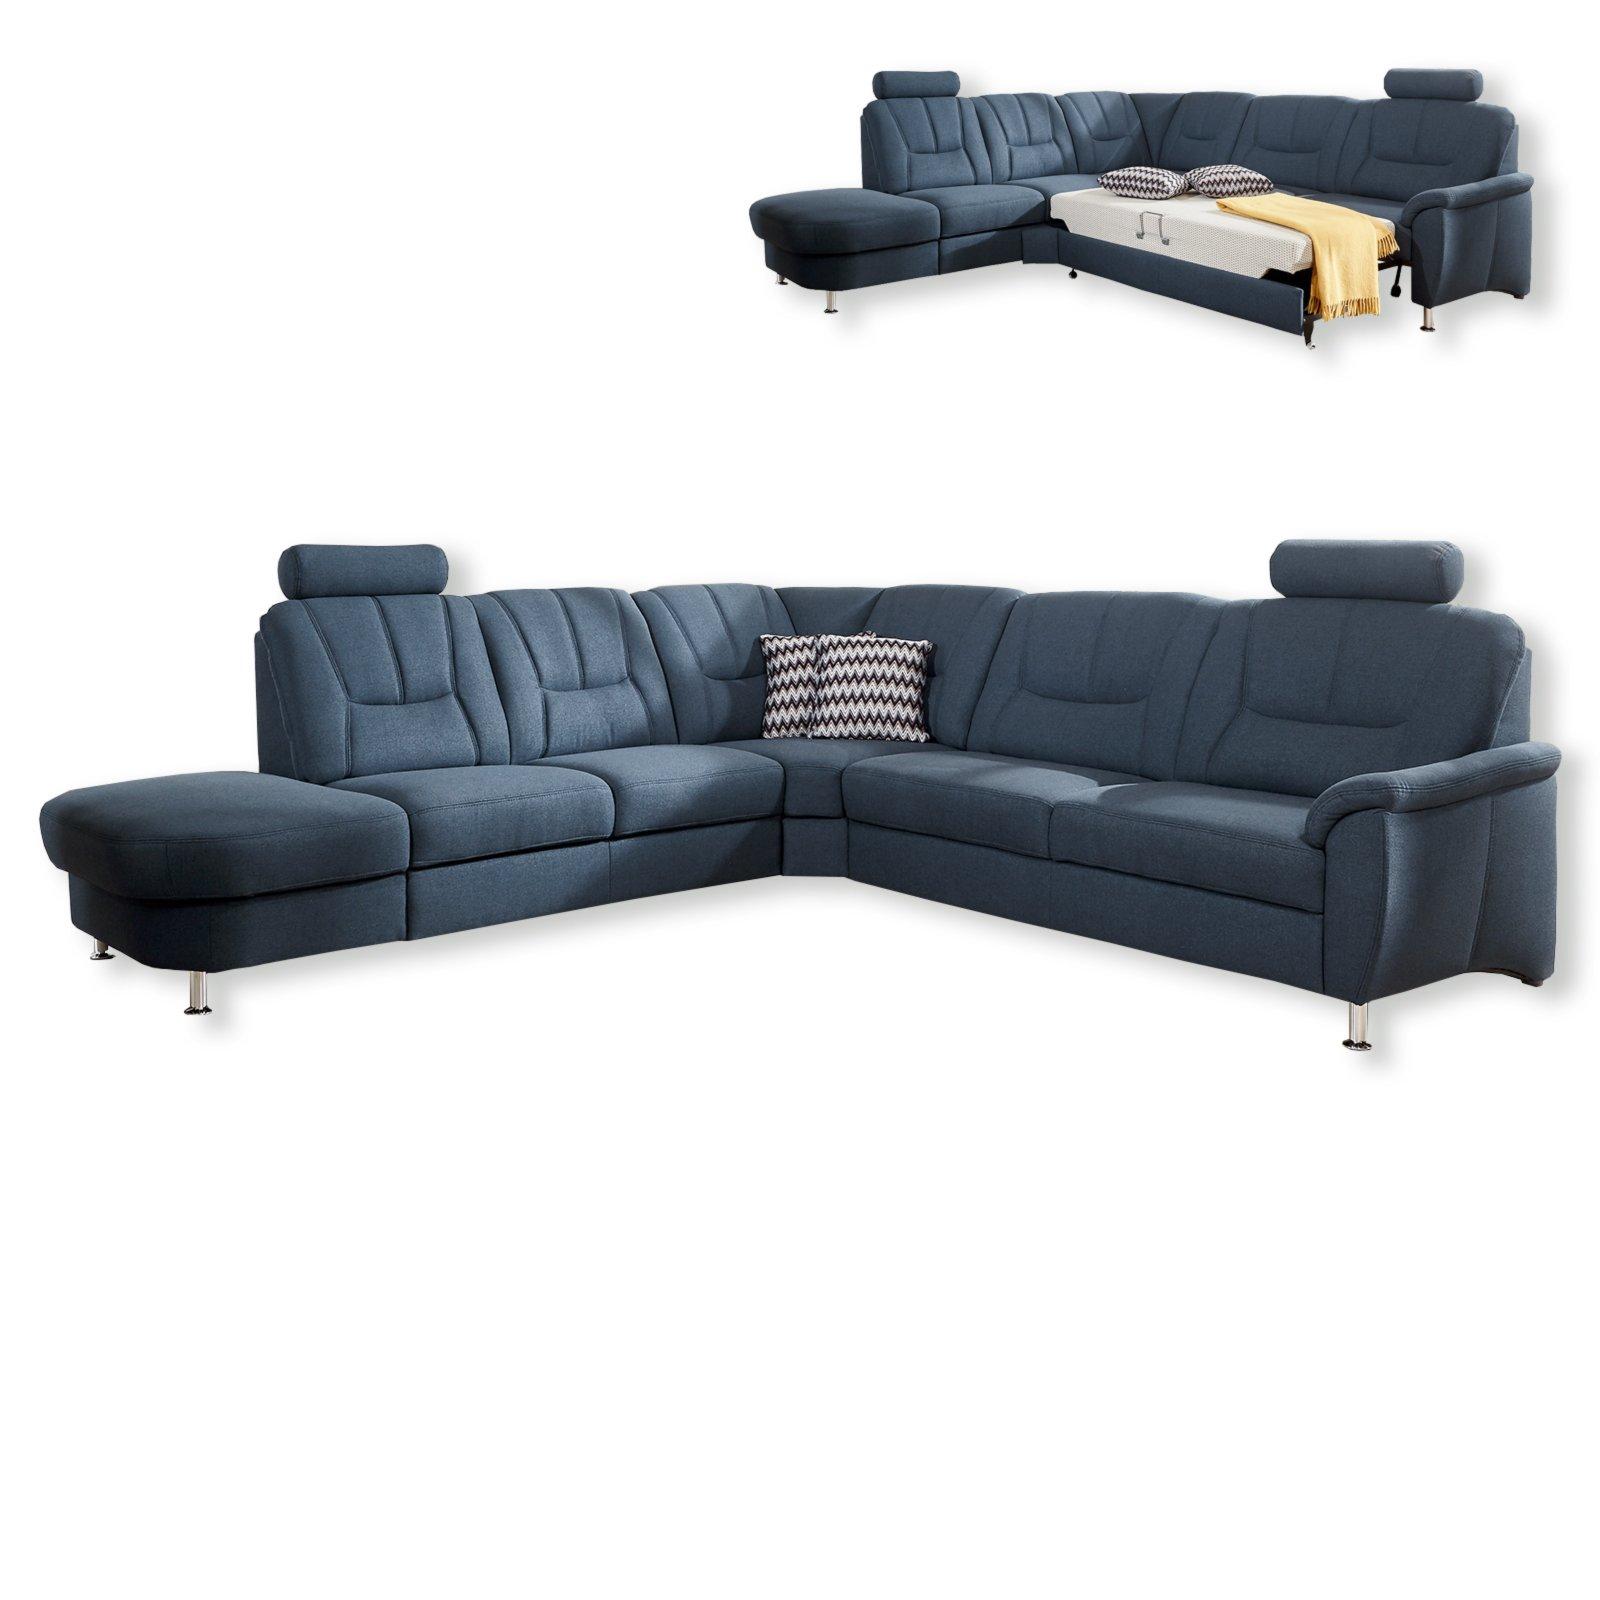 Federkern sofas roller preisvergleiche for Eckcouch mit federkern